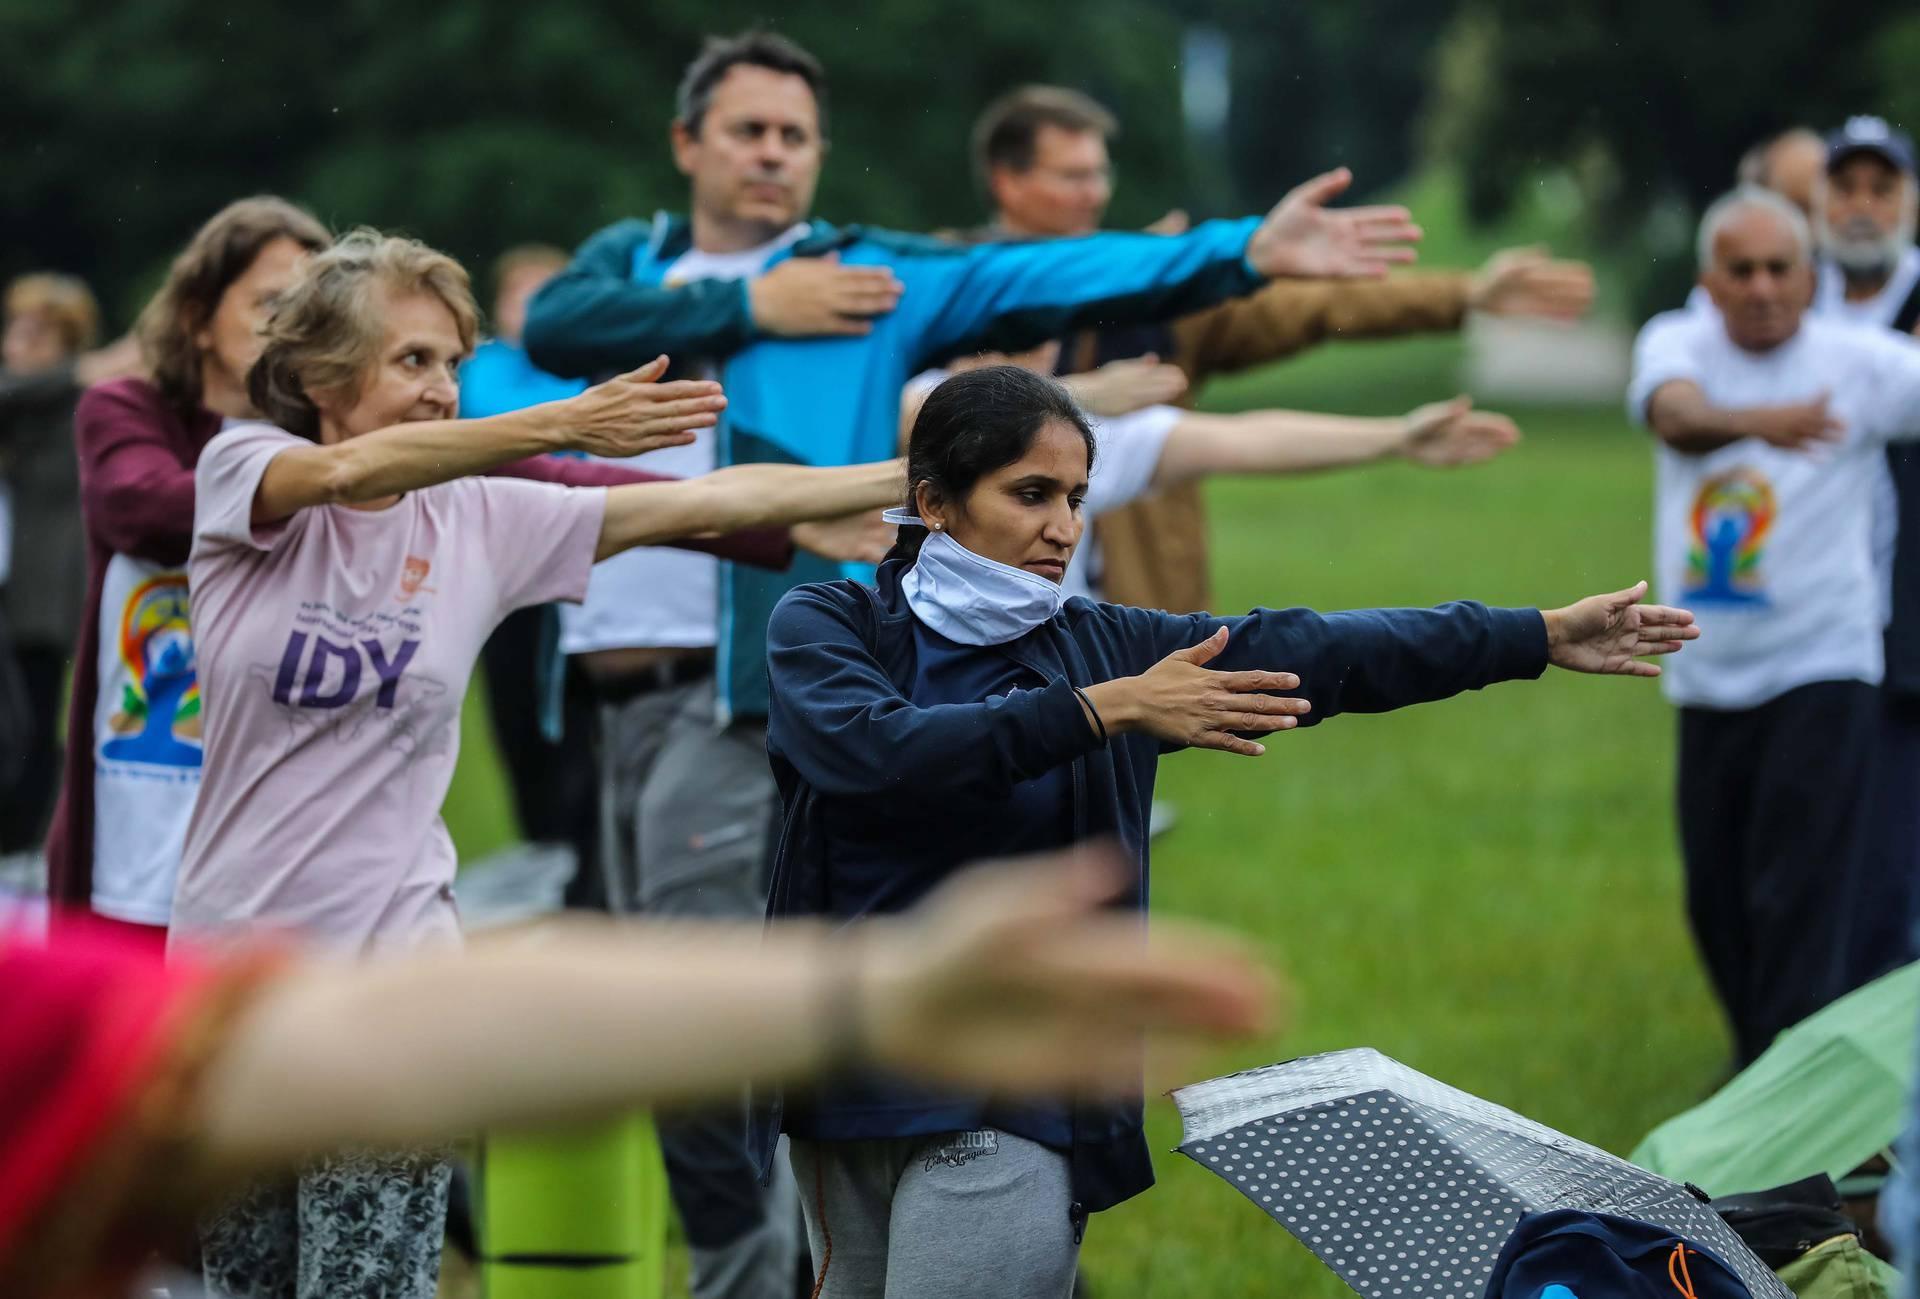 Međunarodni dan joge: U parku Maksimir građani su besplatno vježbali, kiša im nije smetala